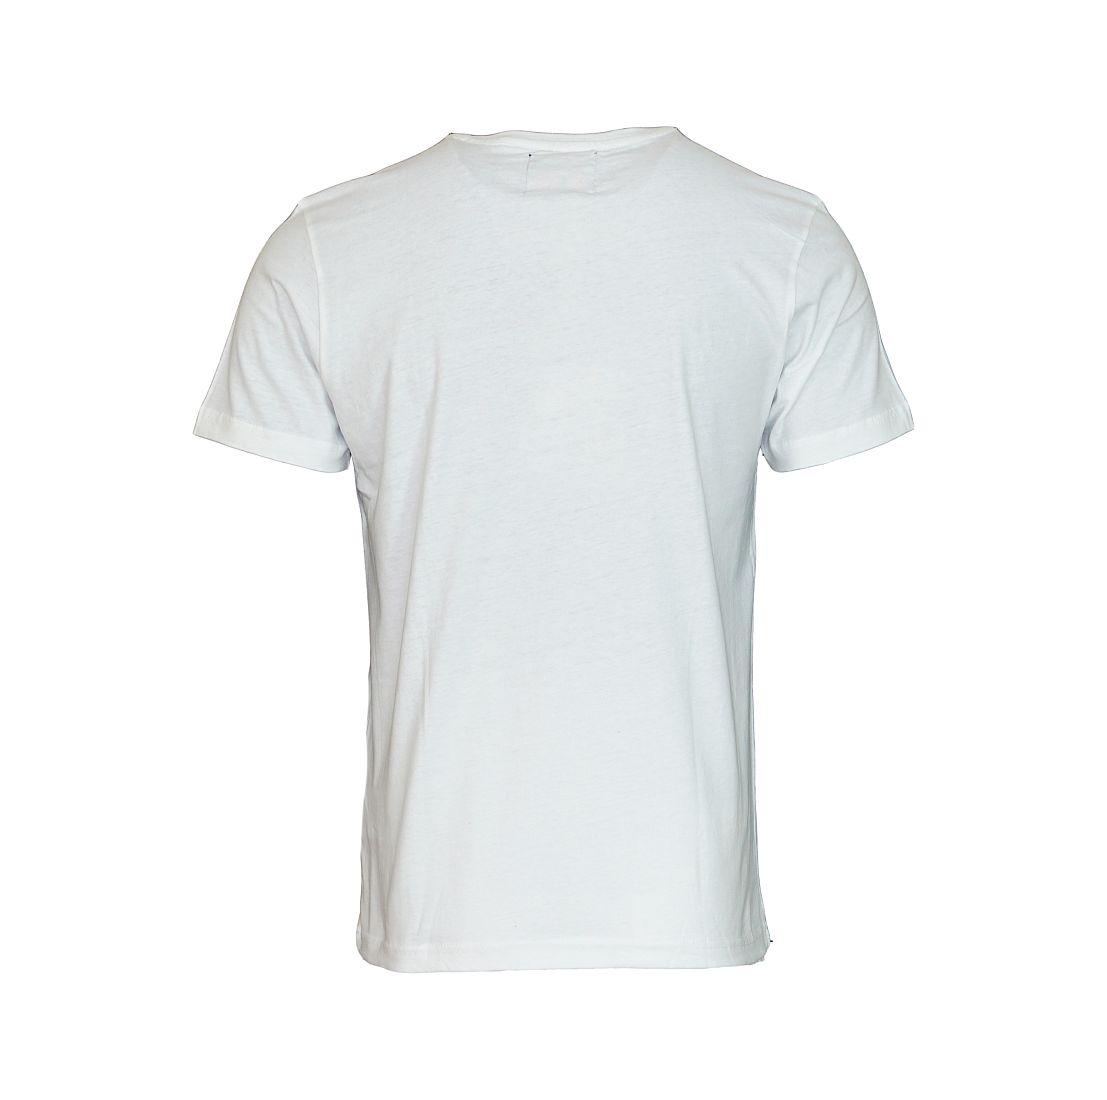 Petrol Industries T-Shirt Shirt weiss M SS16 TSR811 000